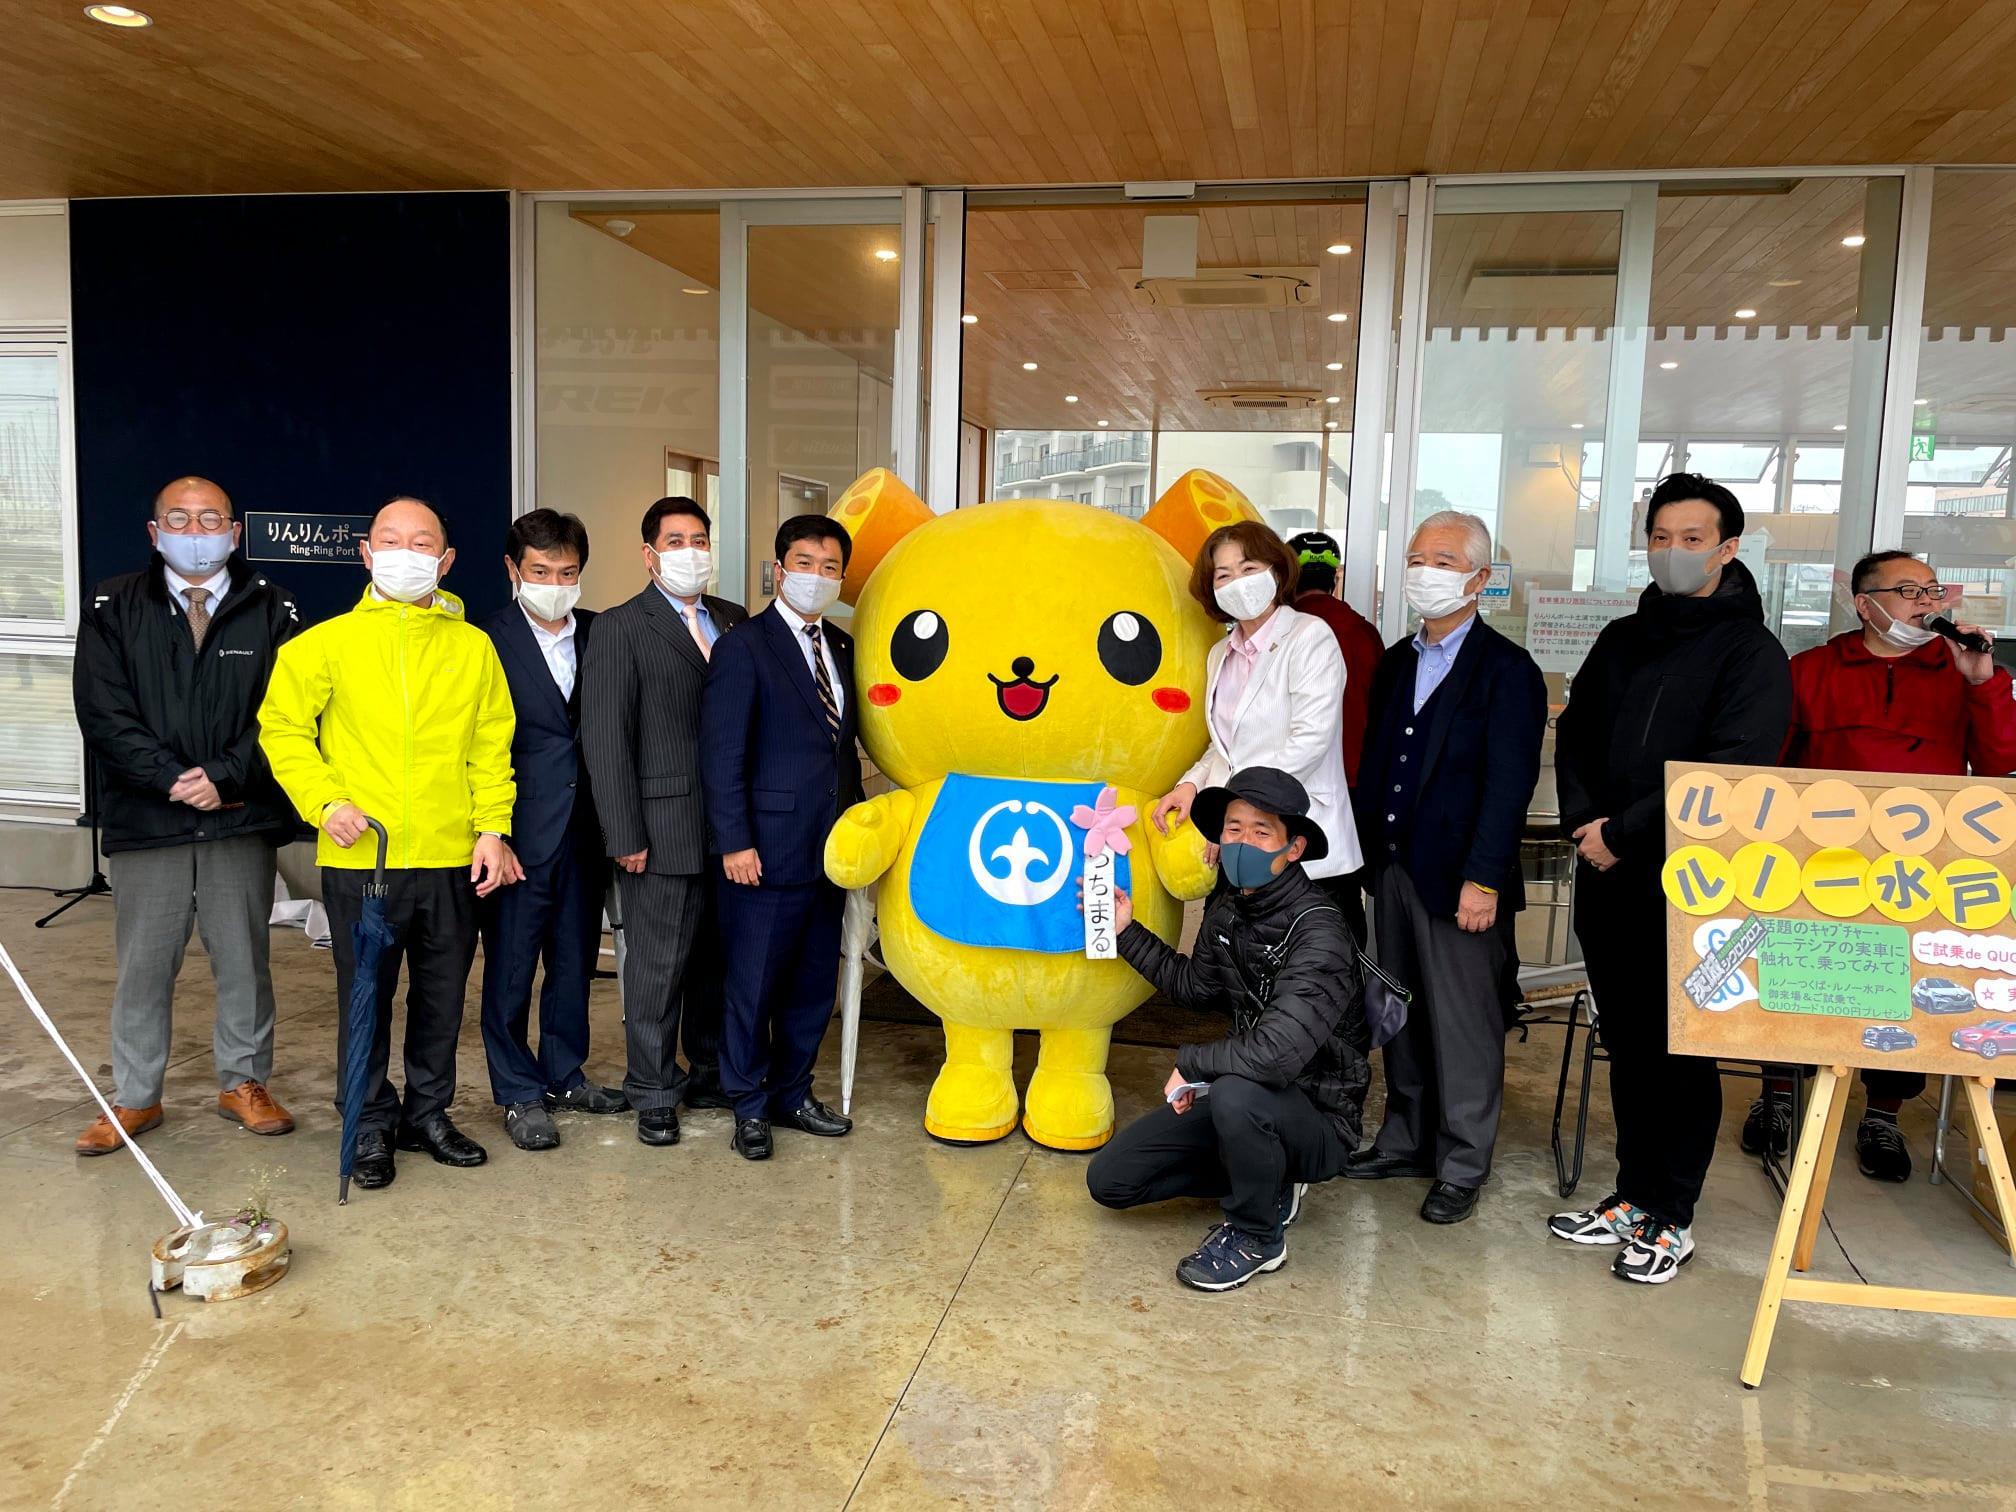 茨城シクロクロスが土浦で開催されました!page-visual 茨城シクロクロスが土浦で開催されました!ビジュアル